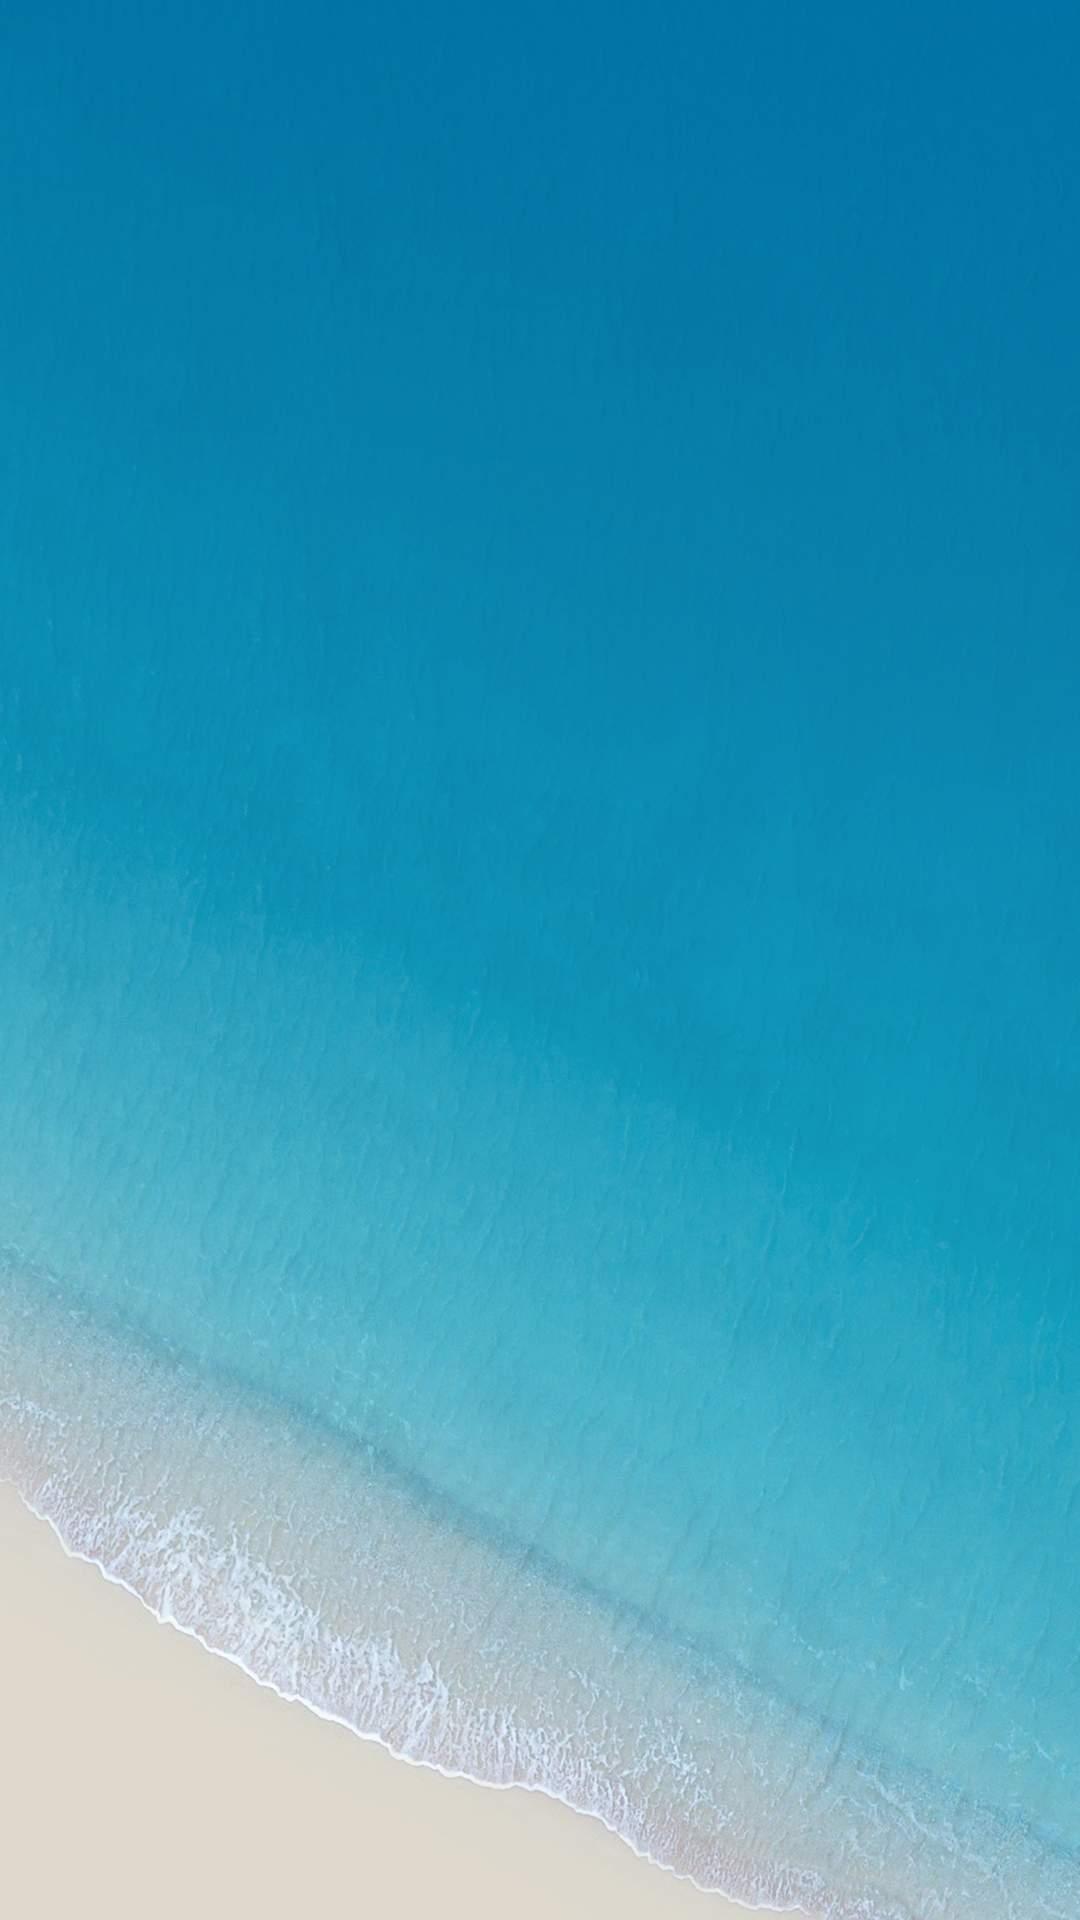 Iphone X Stock Wallpaper Zip Download Vivo X9 Stock Wallpapers In Full Hd